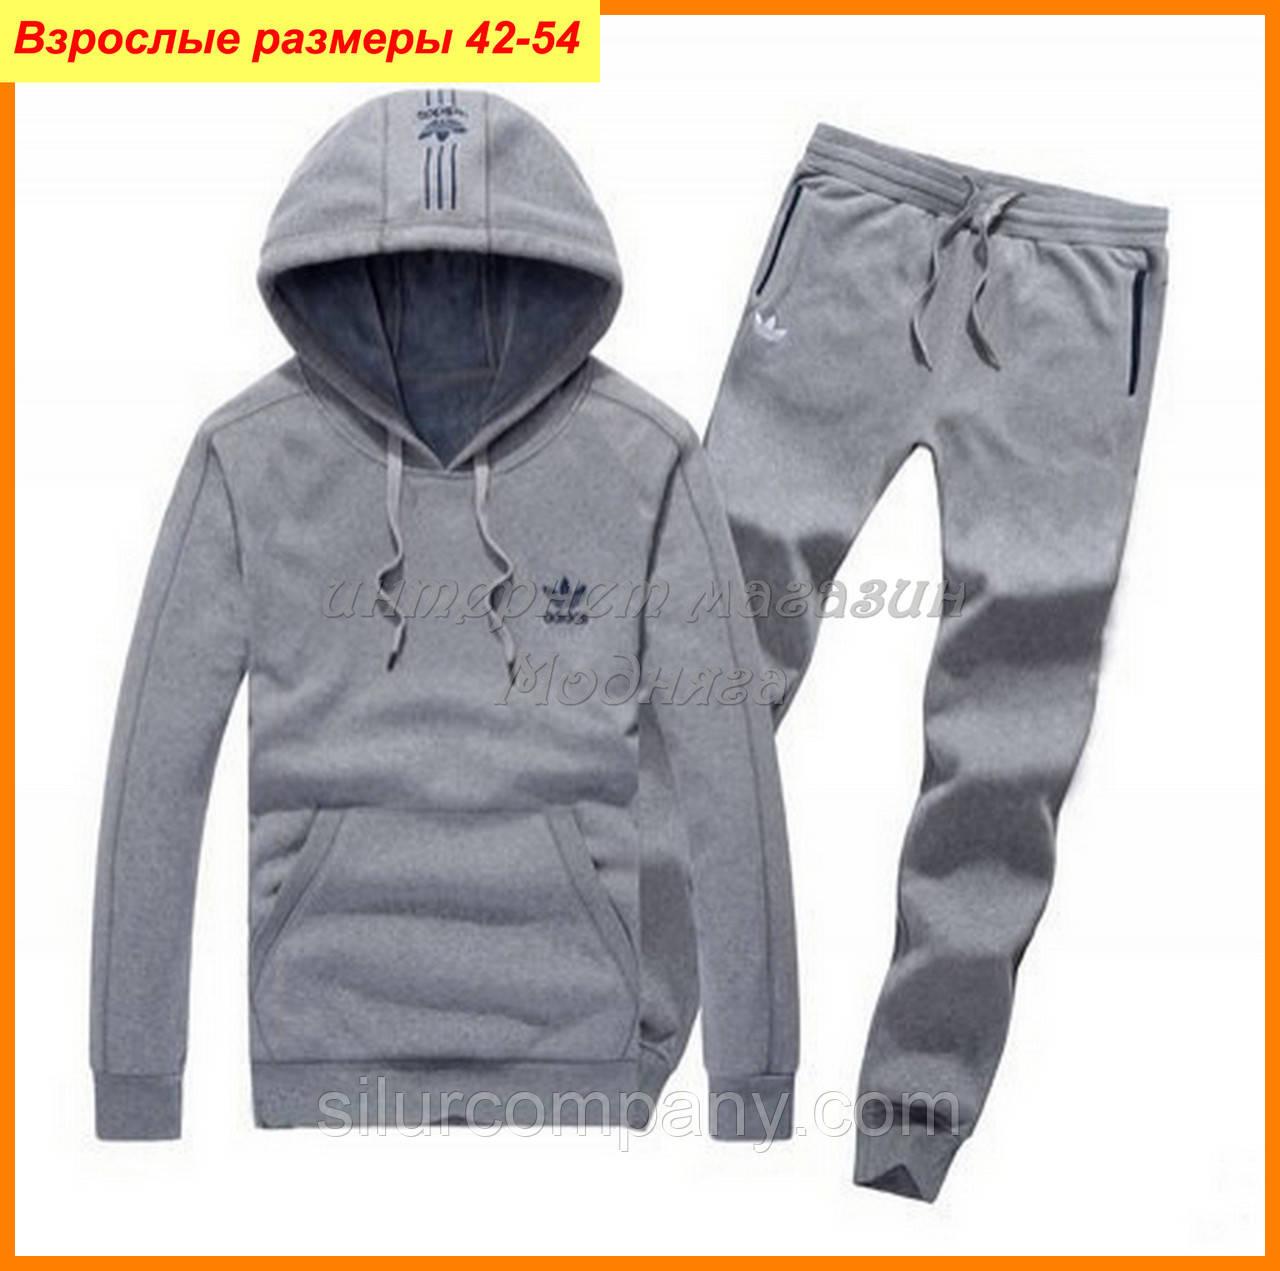 3f13dc5b Недорогие мужские спортивные костюмы украина - Интернет магазин